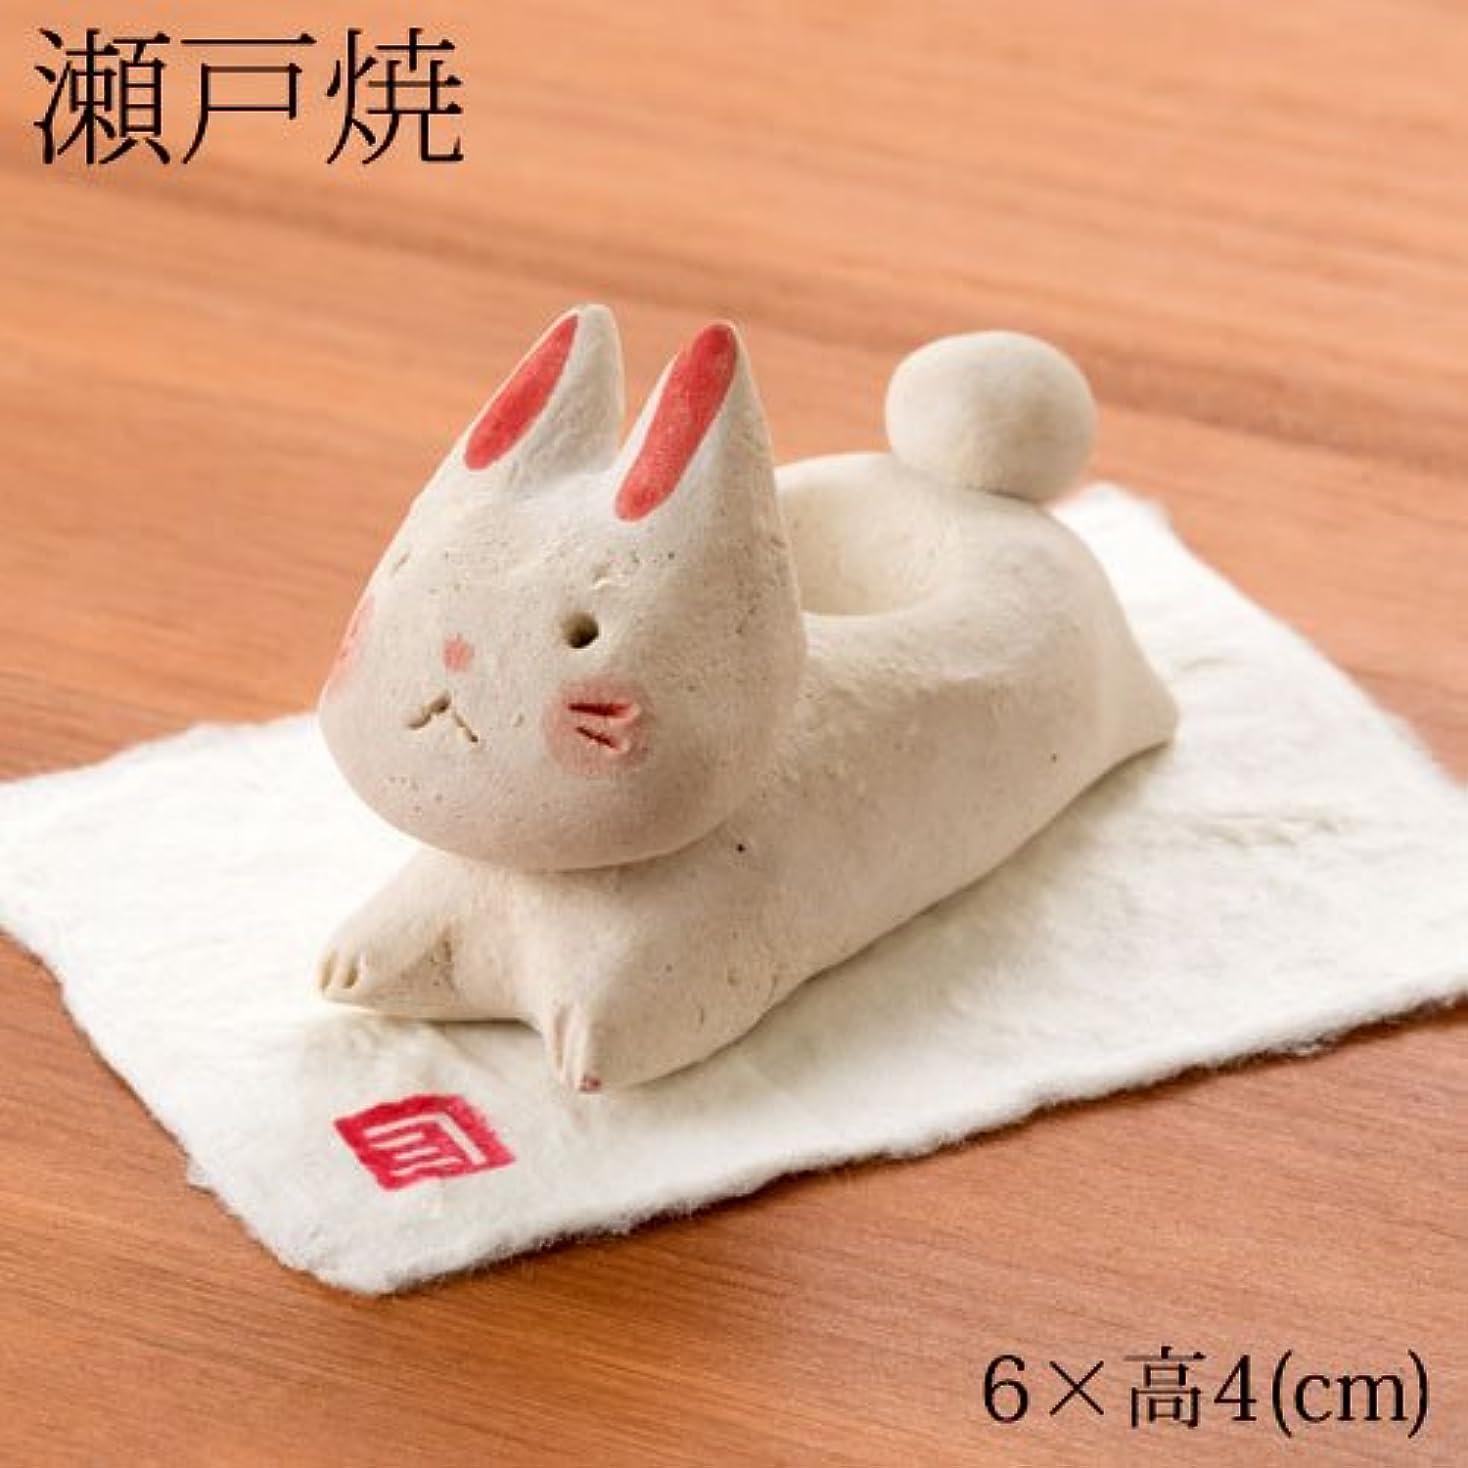 ロードされた市長ファイバ瀬戸焼兎アロマストーン (K6302)愛知県の工芸品Seto-yaki Aroma stone, Aichi craft